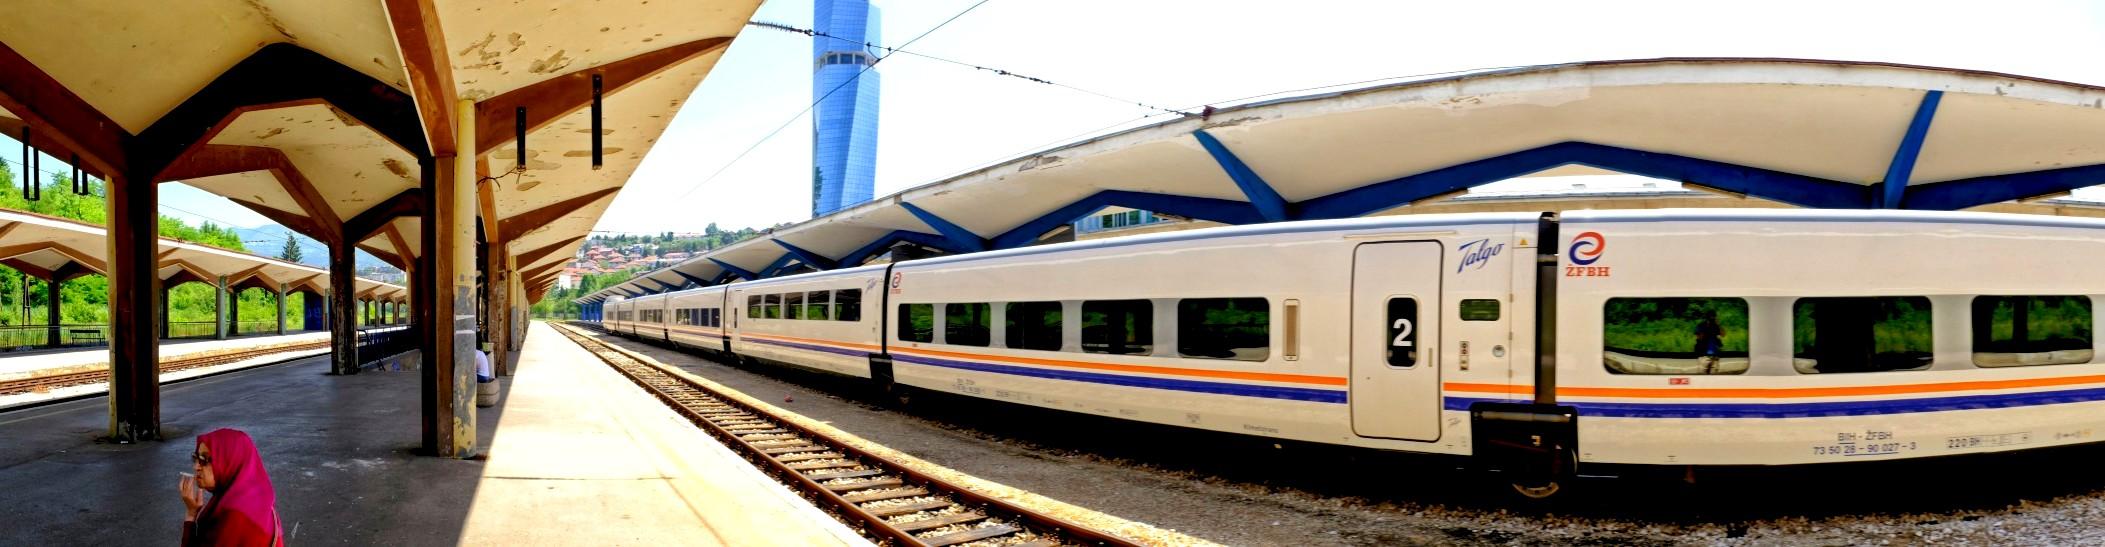 Atrakcje Sarajewa to dla mnie także sarajewski dworzec kolejowy